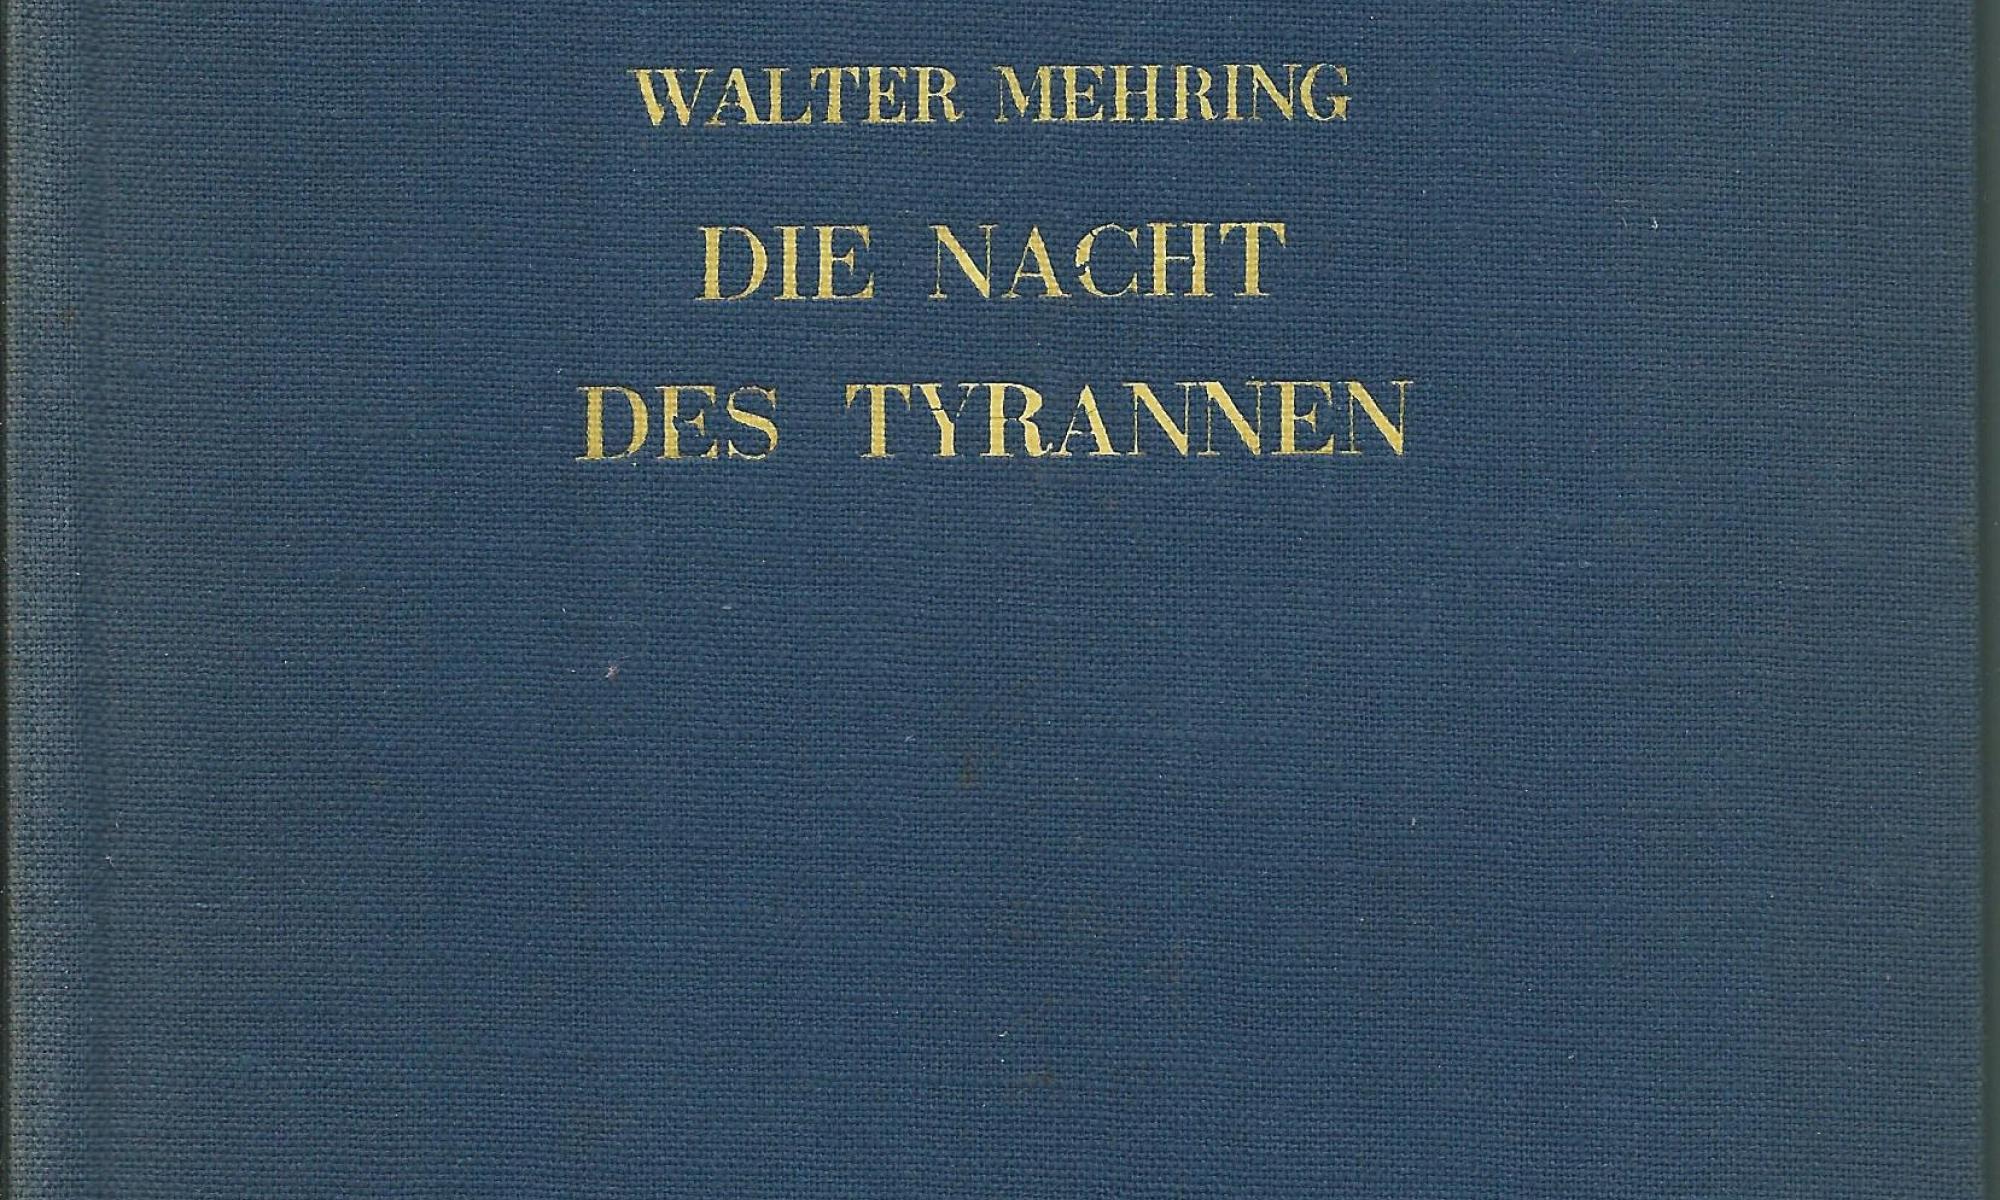 Die Nacht des Tyrannen (1937)